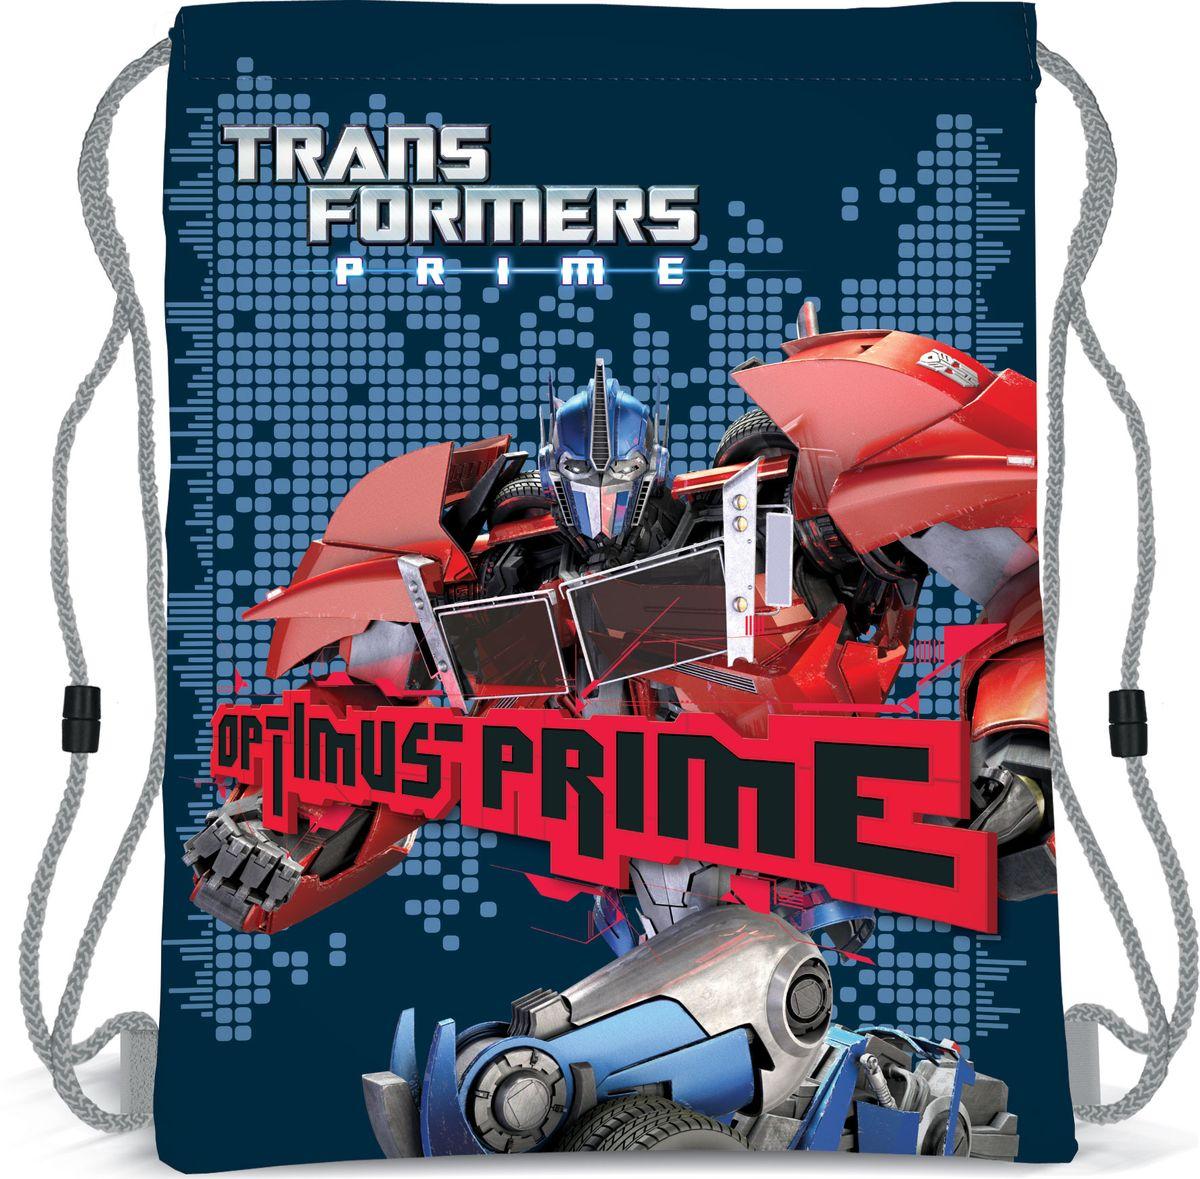 Transformers Prime Рюкзак для обувиTRBB-UT1-883Мешок для переноски обуви, выполнен из плотного водостойкого материала, затягивается сверху шнуром-лямкой и носится, как рюкзак. Размер: 43 х 34 х 1 см.